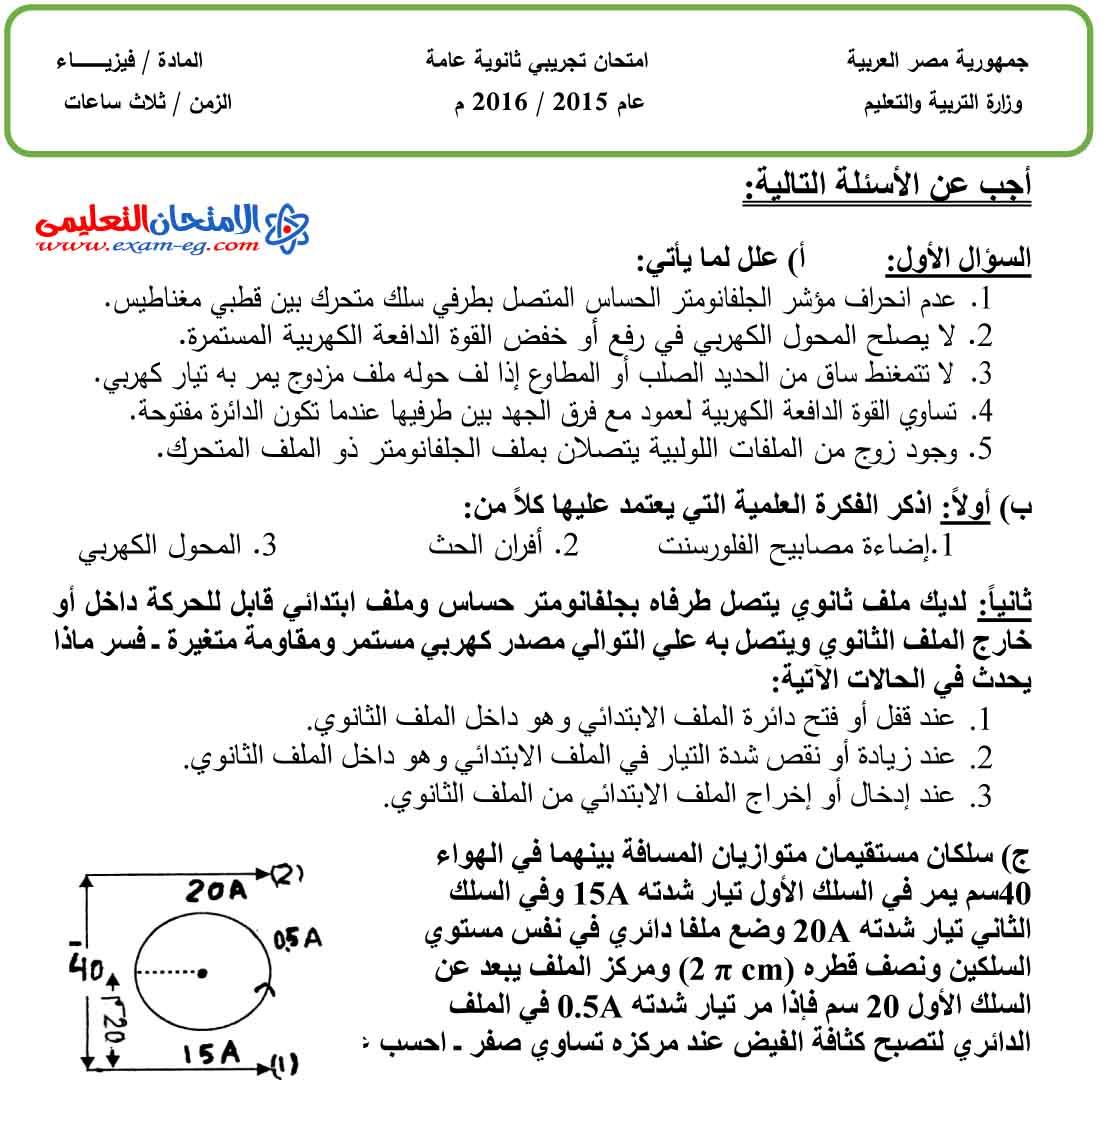 فيزياء 4 - مدرسة اون لاين-1